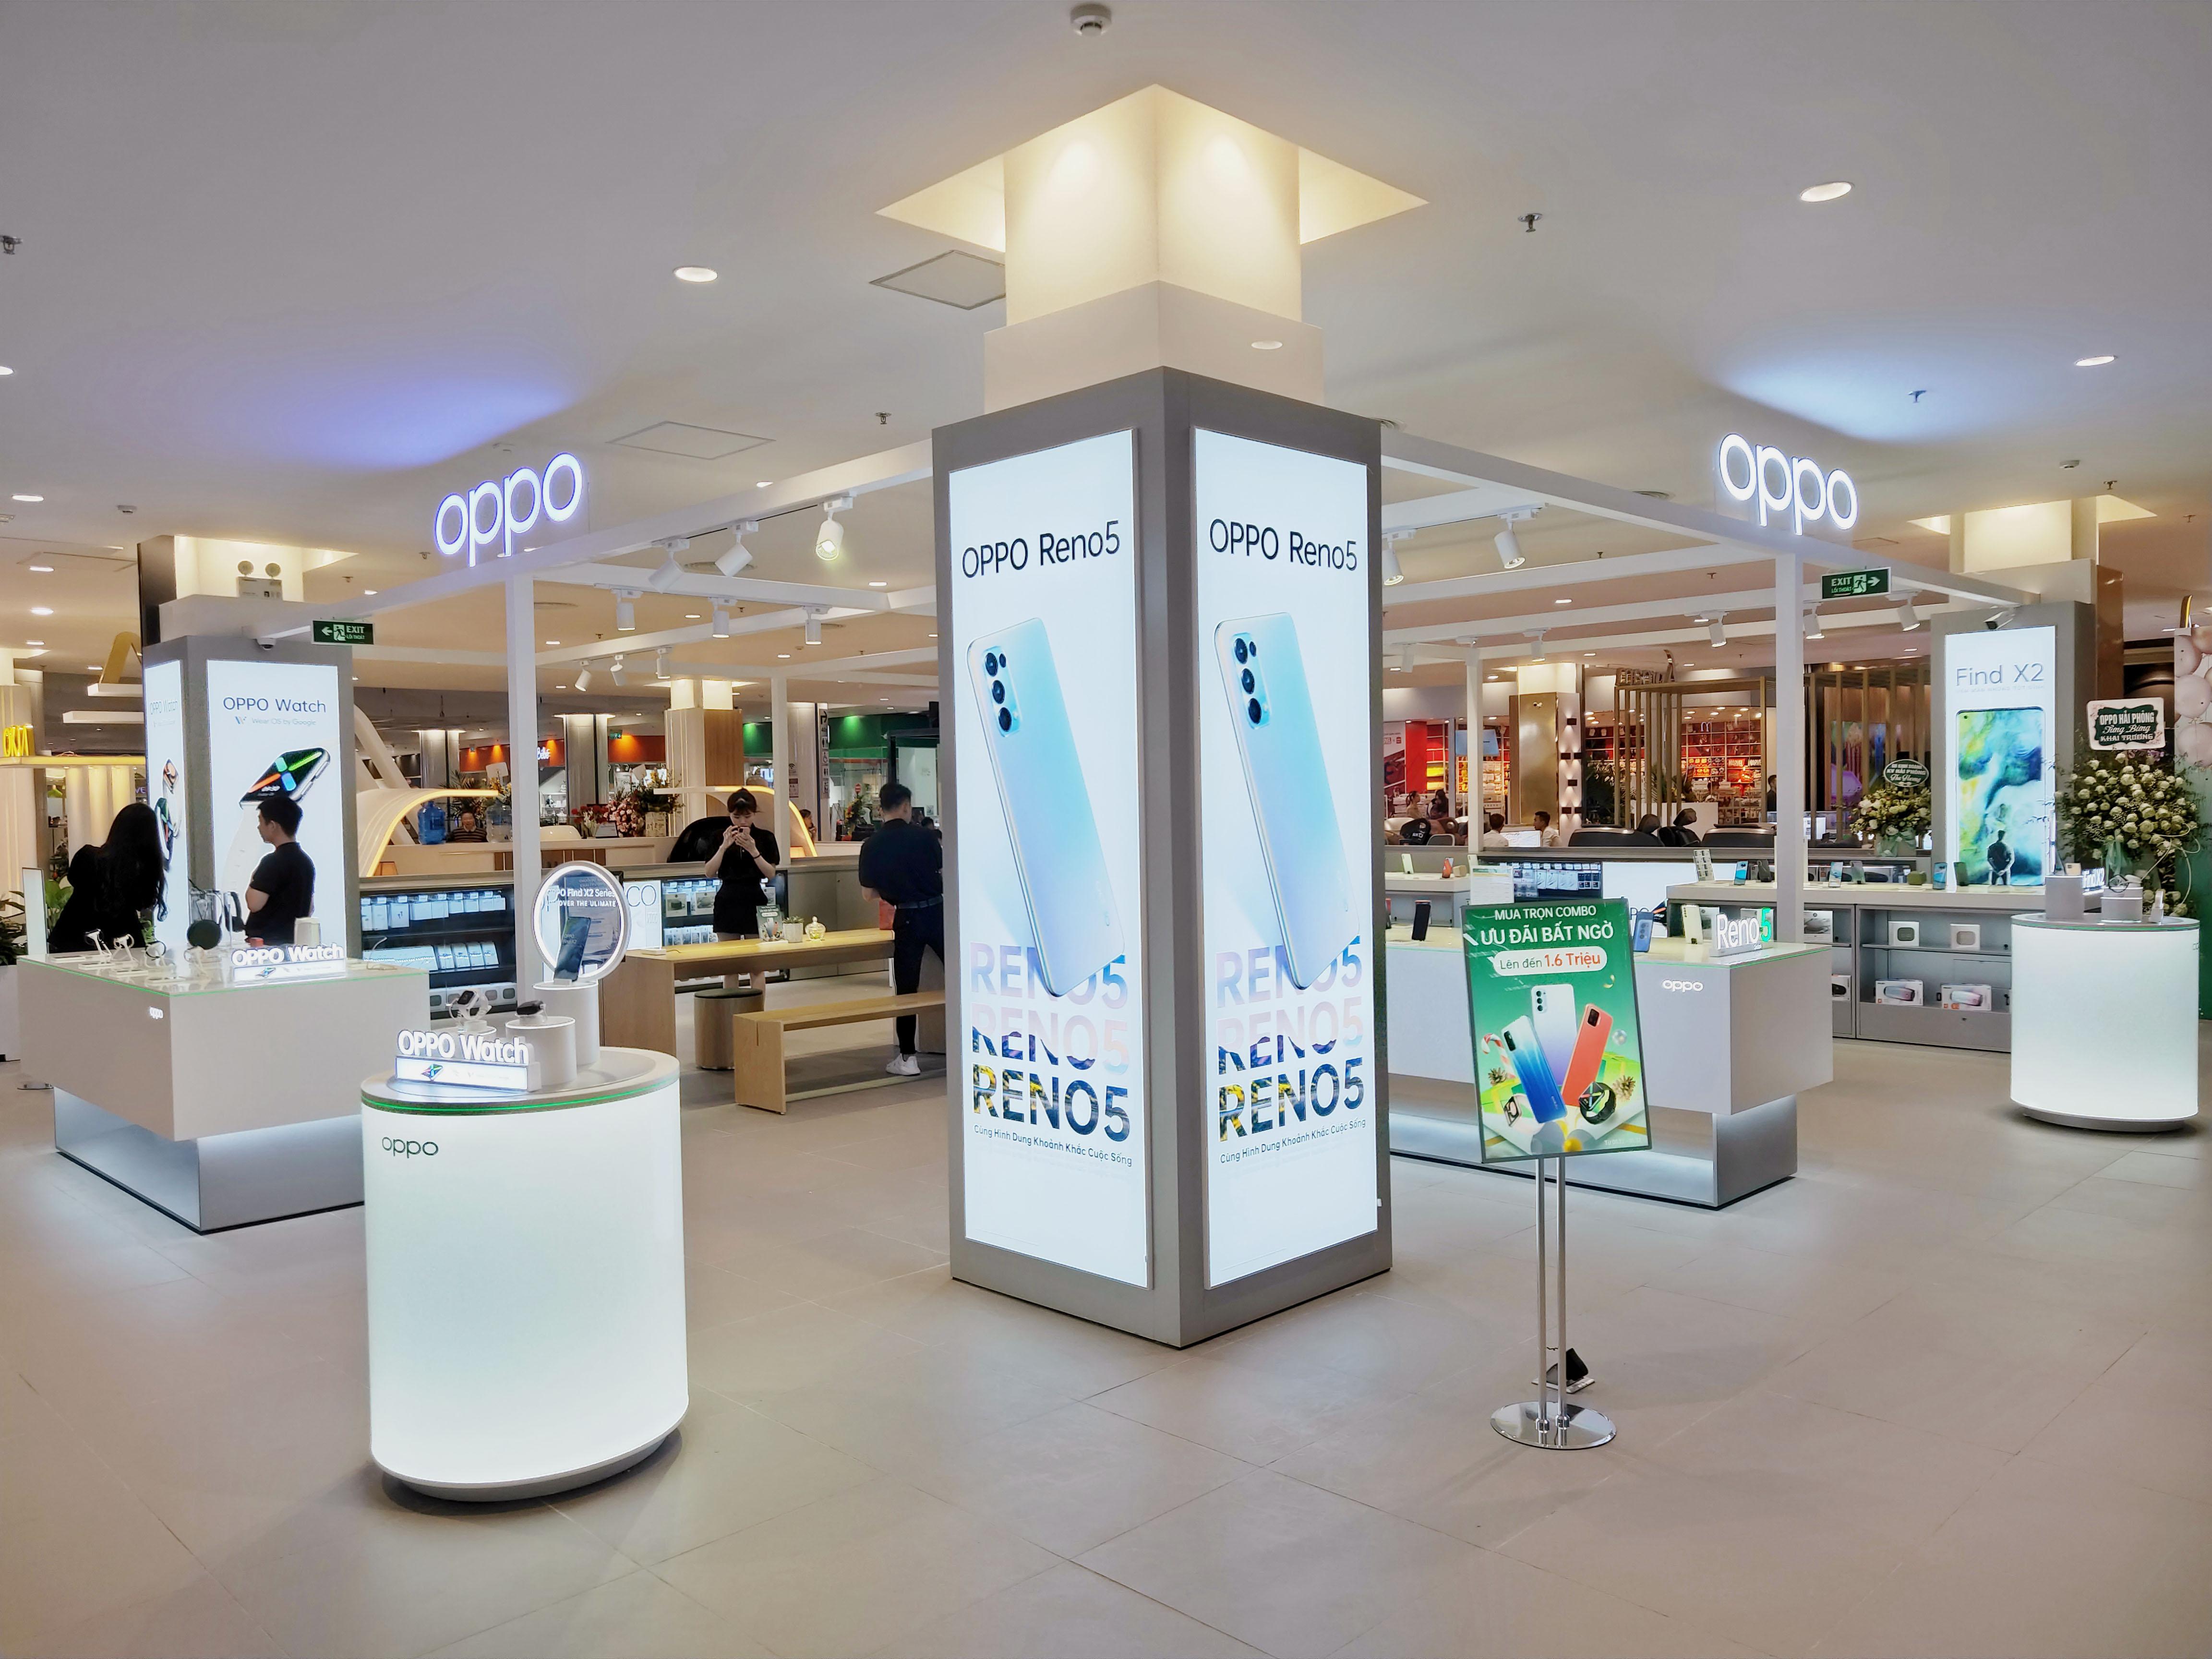 OPPO mở rộng cửa hàng trải nghiệm, tung hàng loạt ưu đãi mùa sale cuối năm - Ảnh 3.